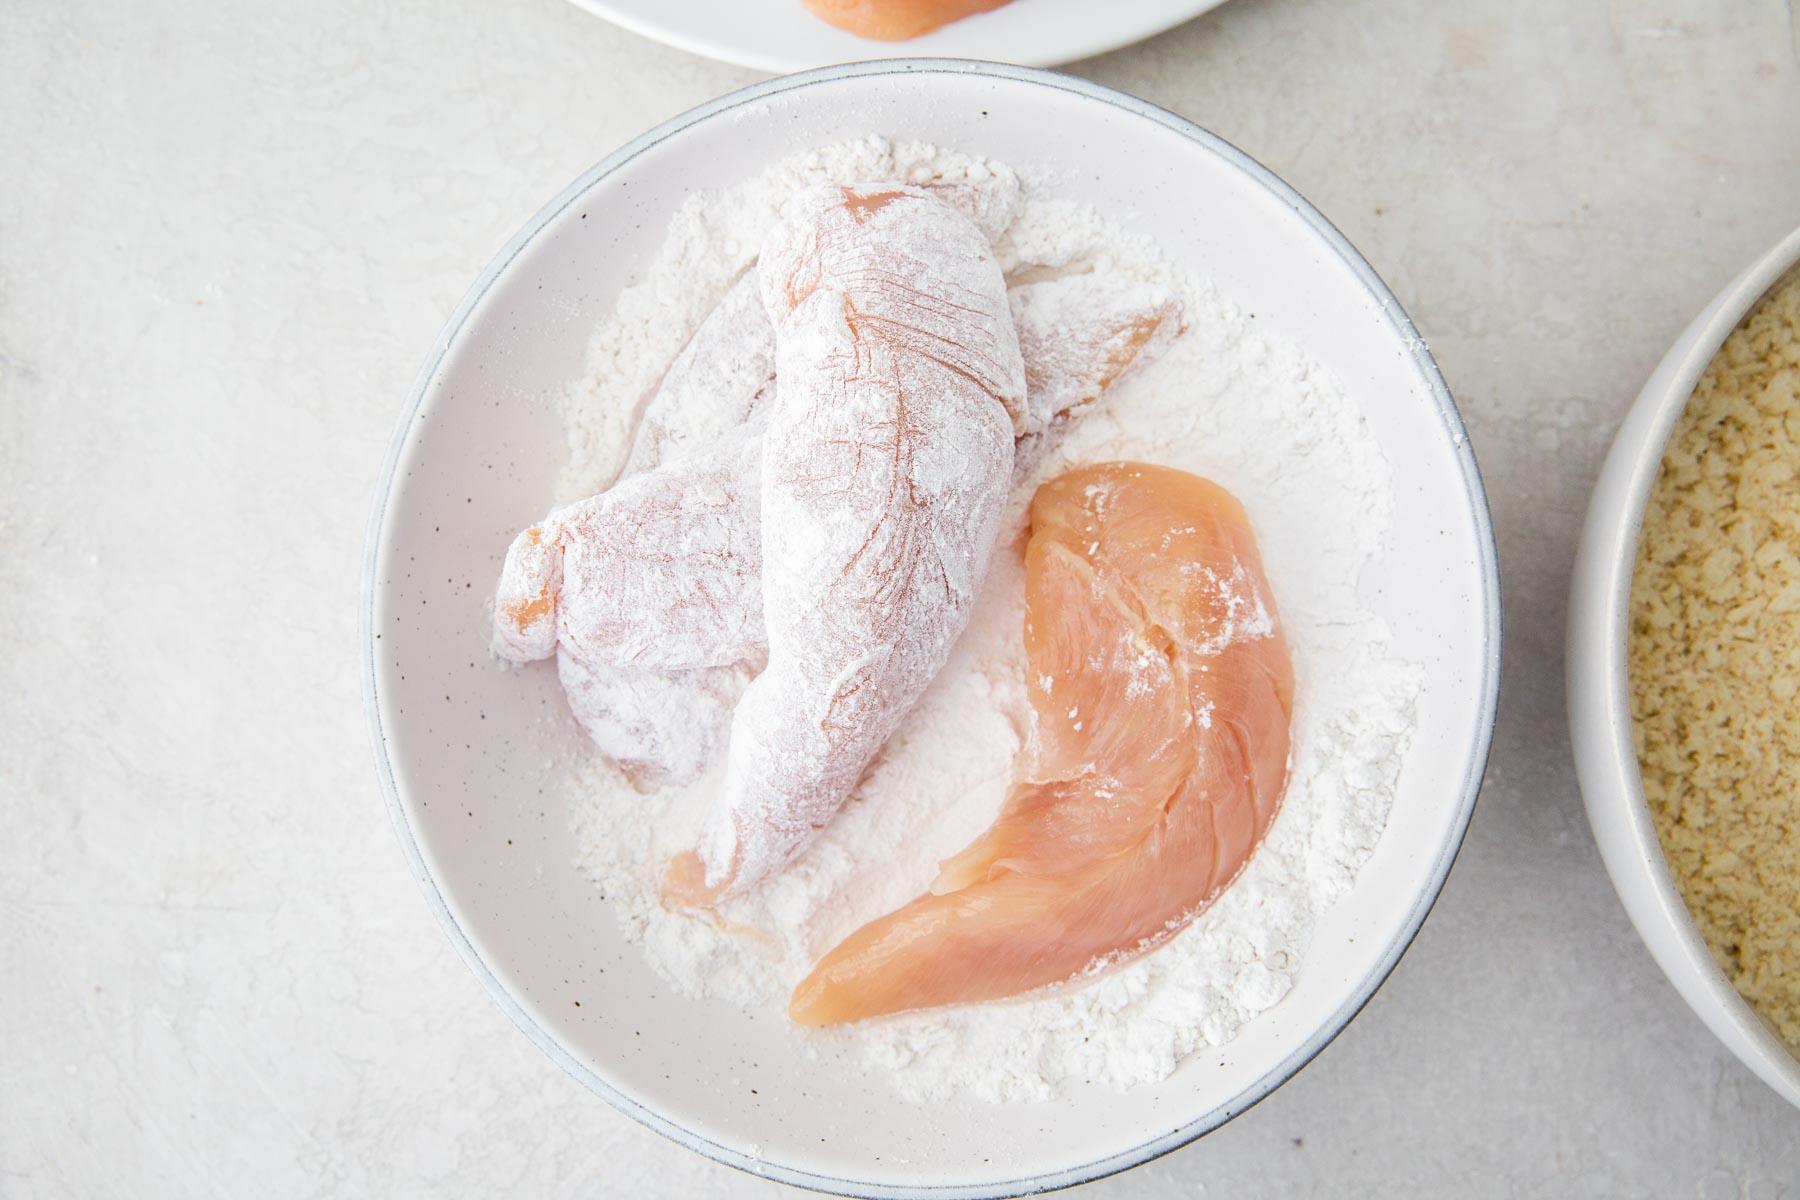 coating chicken in flour